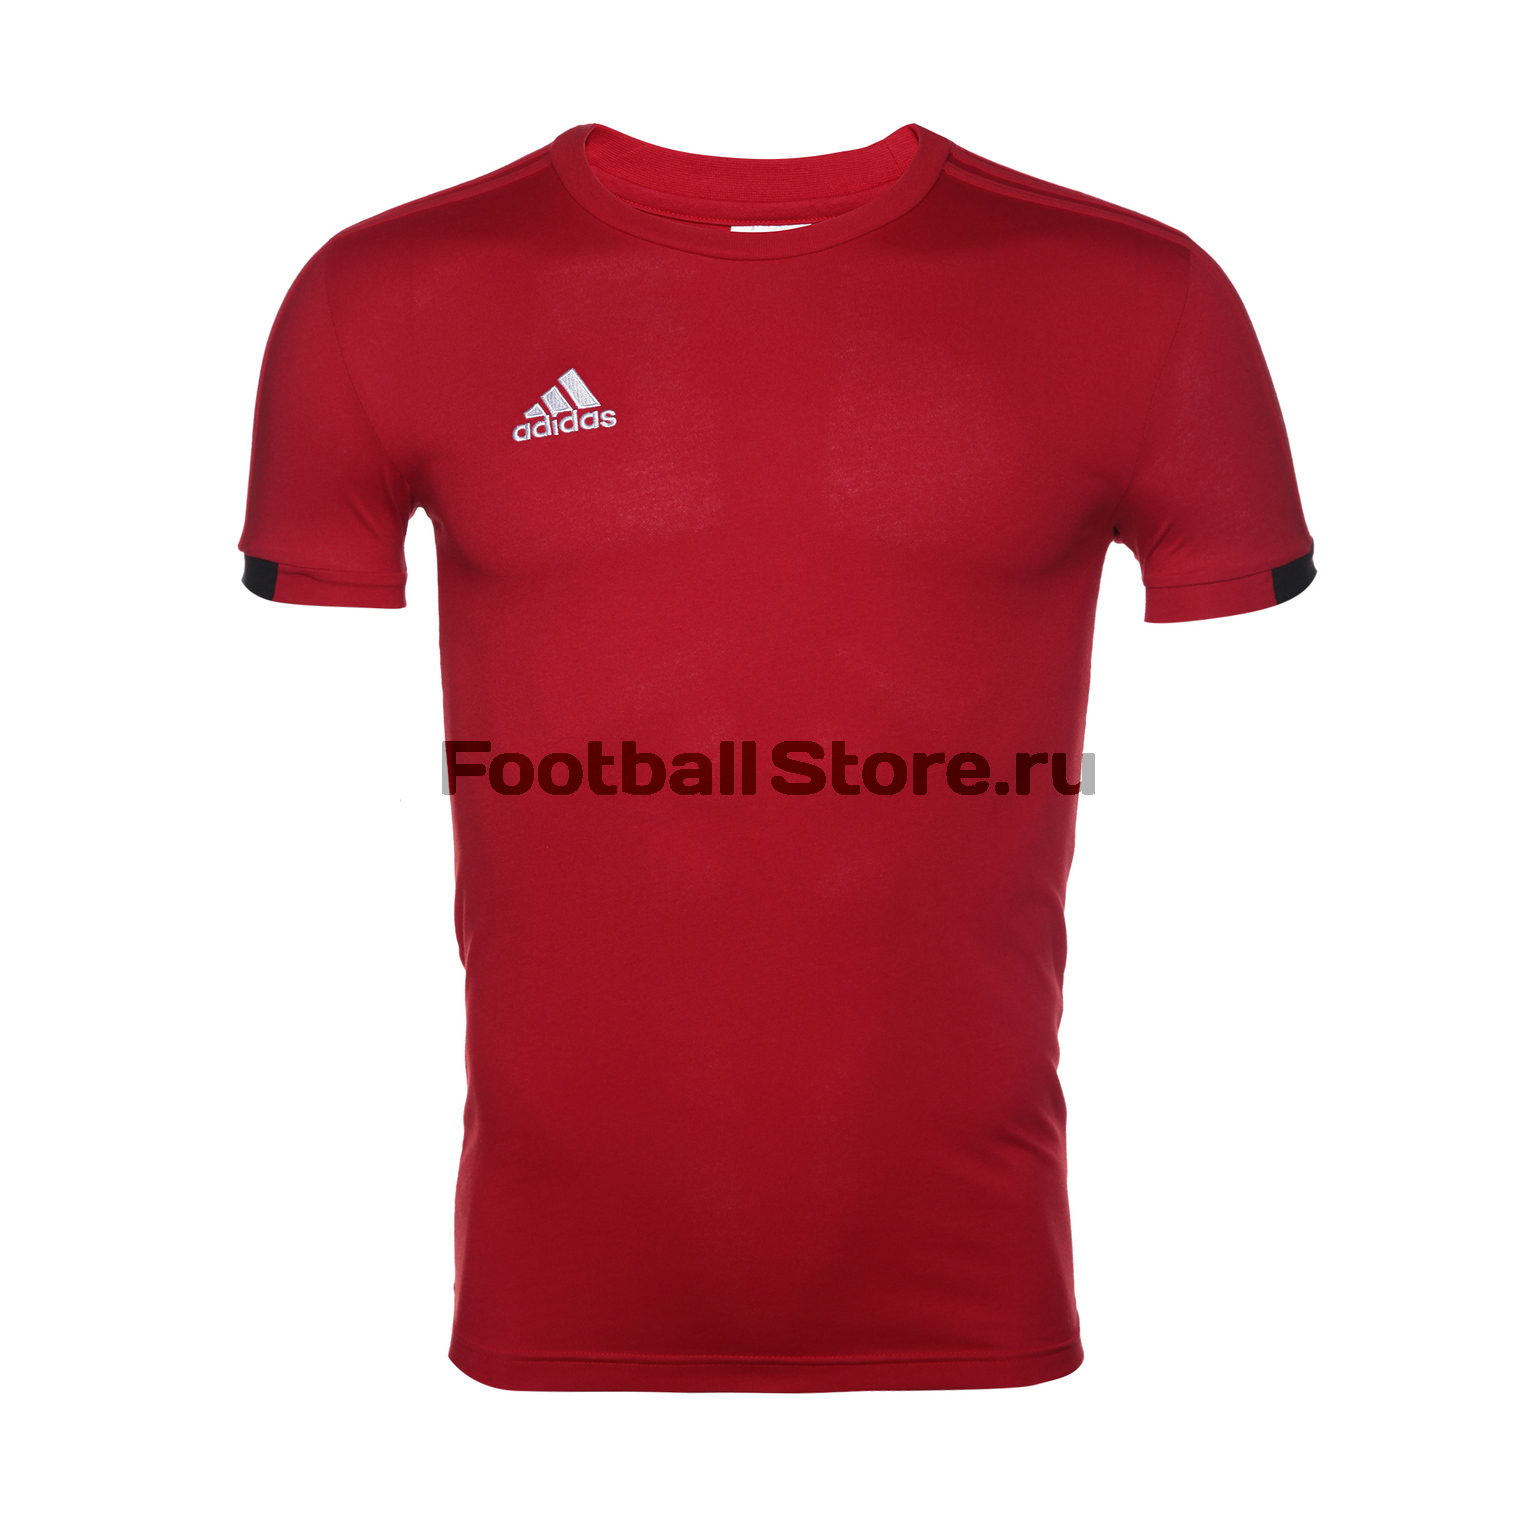 Футболка хлопковая Adidas Con18 Tee CF4366 все цены